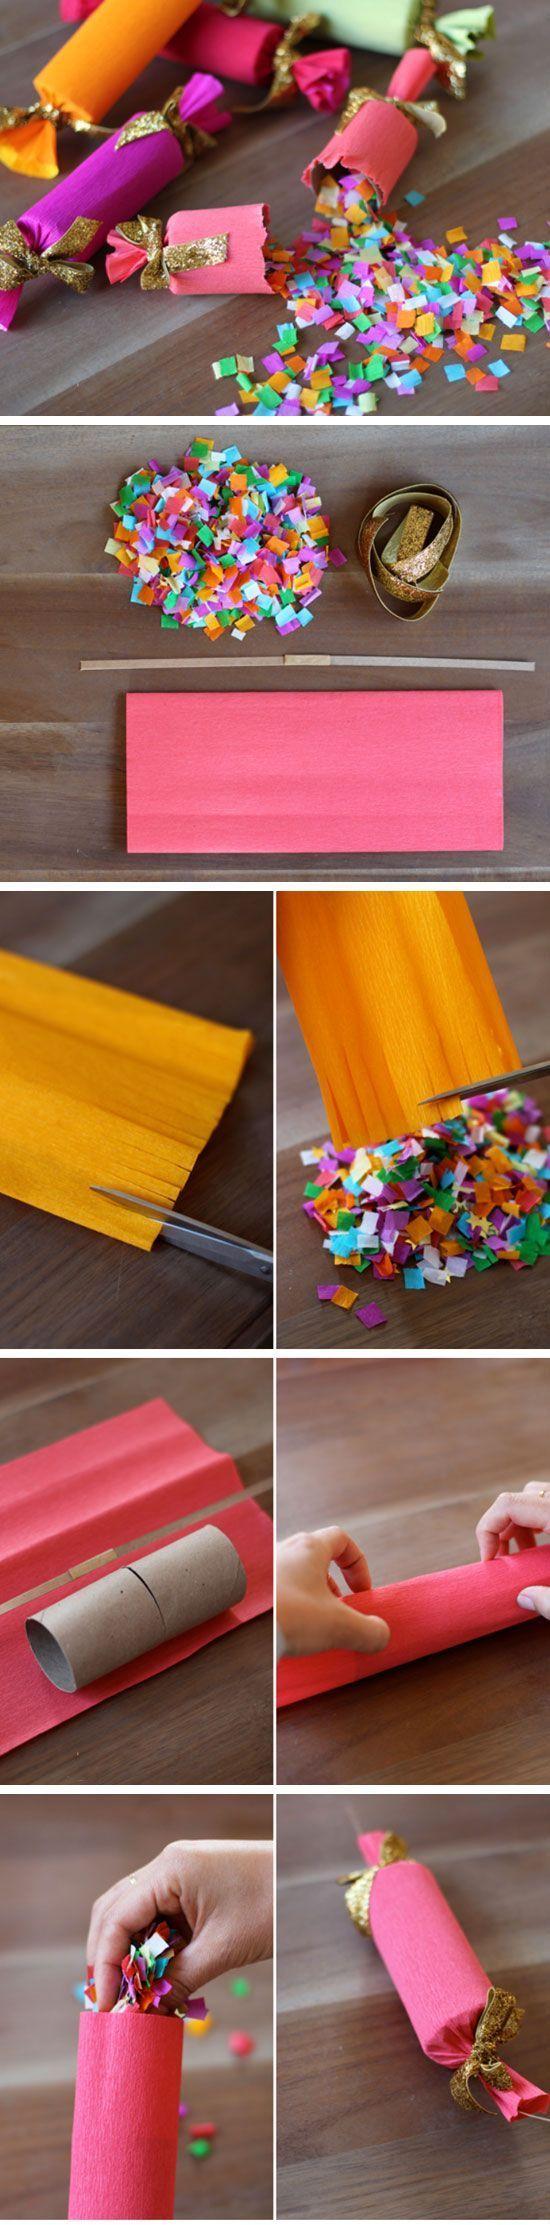 DIY Confetti-Party Poppers - Einfach auf das Bild klicken!